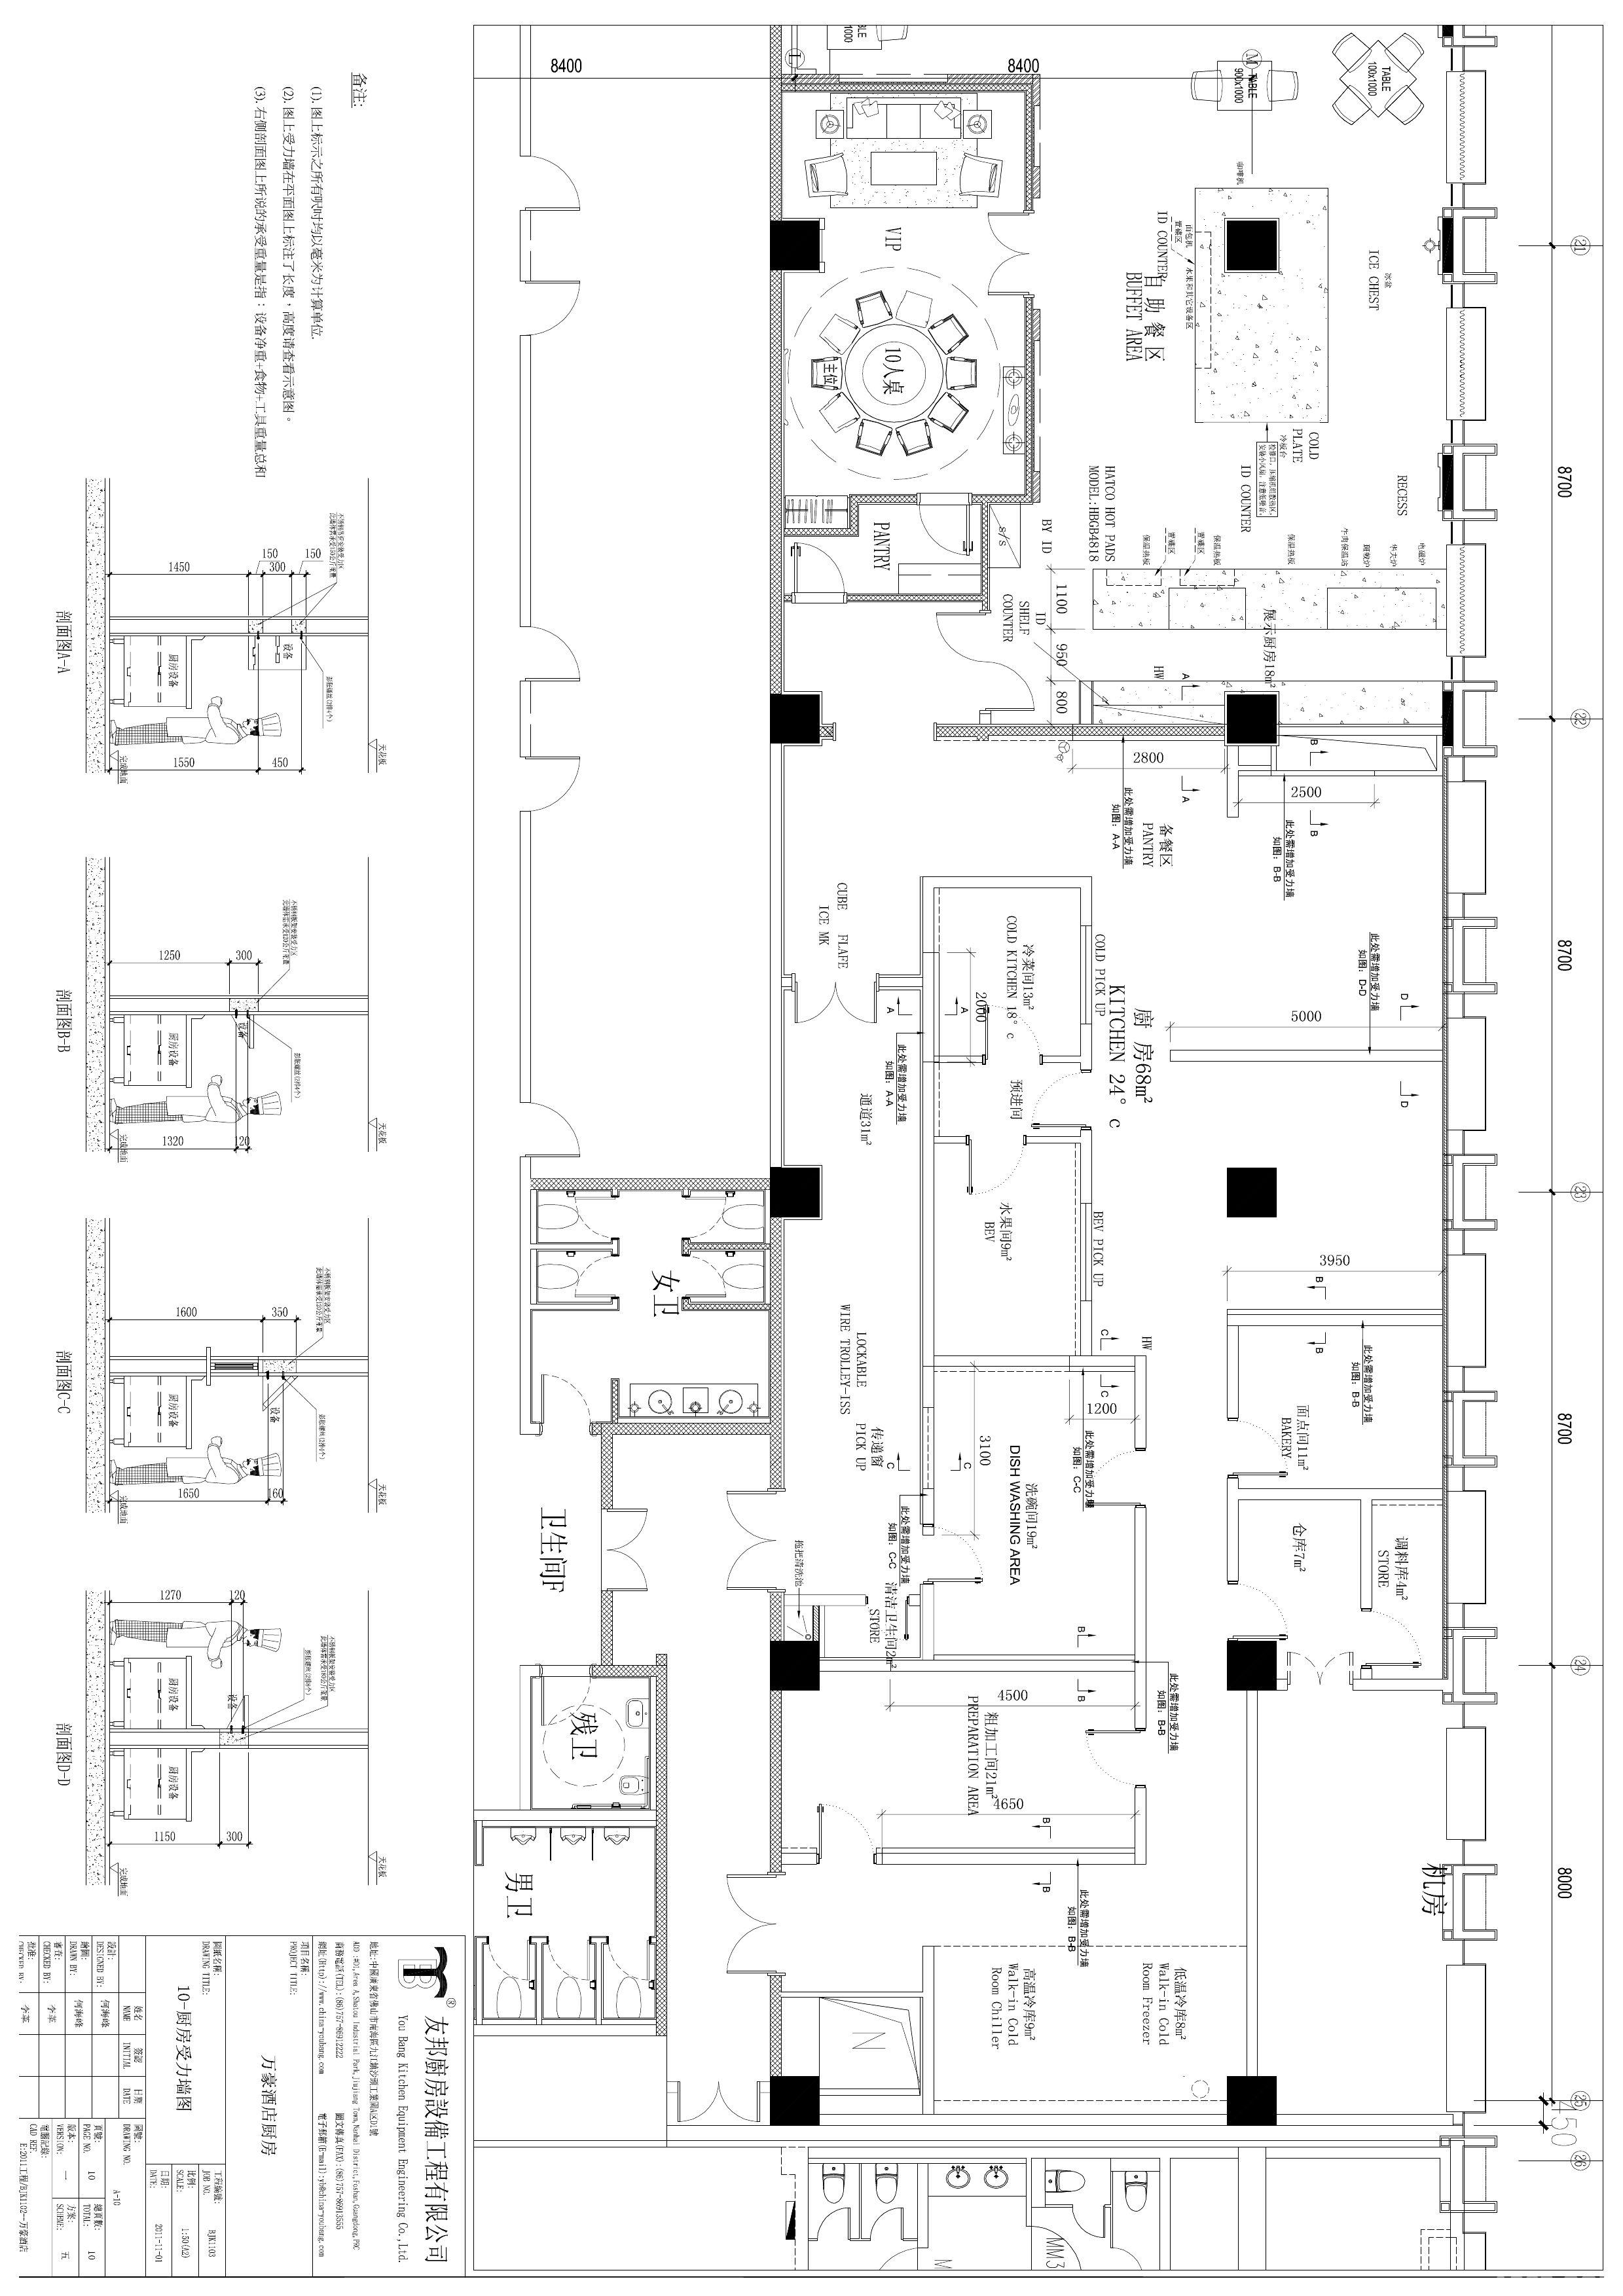 北京 北京饭店 酒店厨房设计 施工图